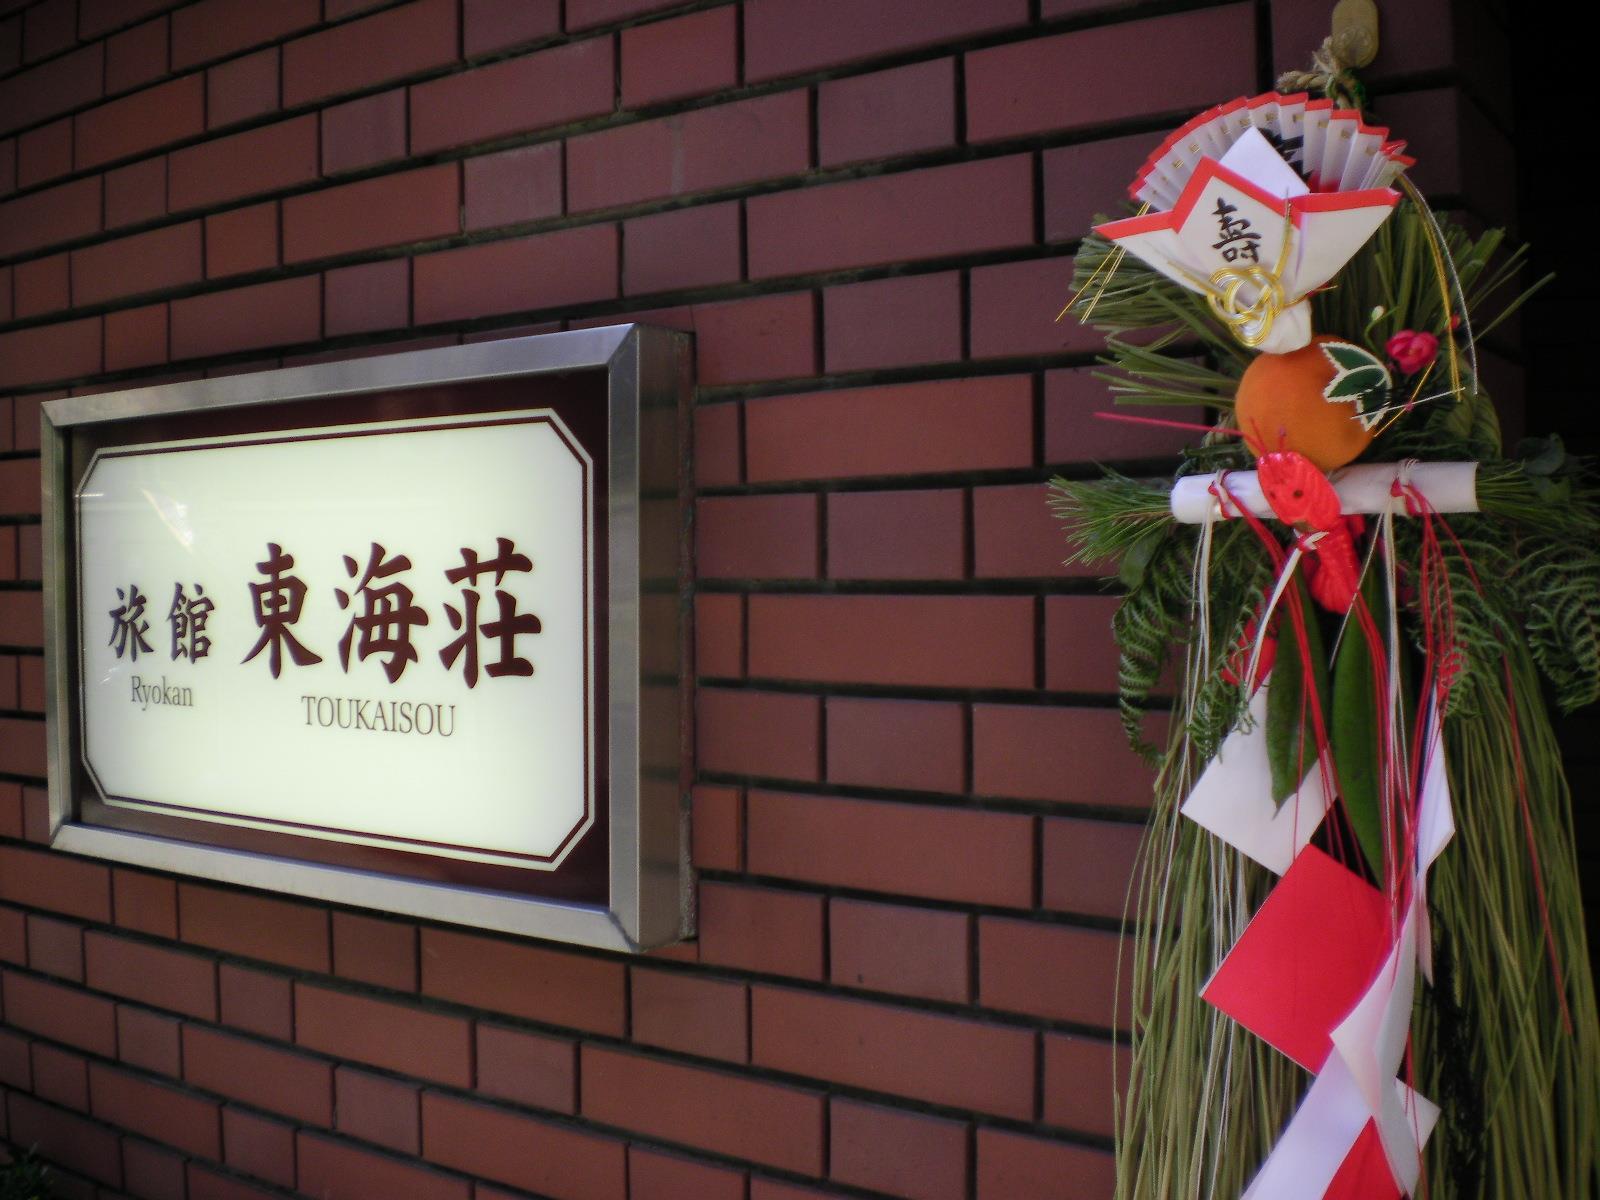 Ryokan & Hostel Toukaisou